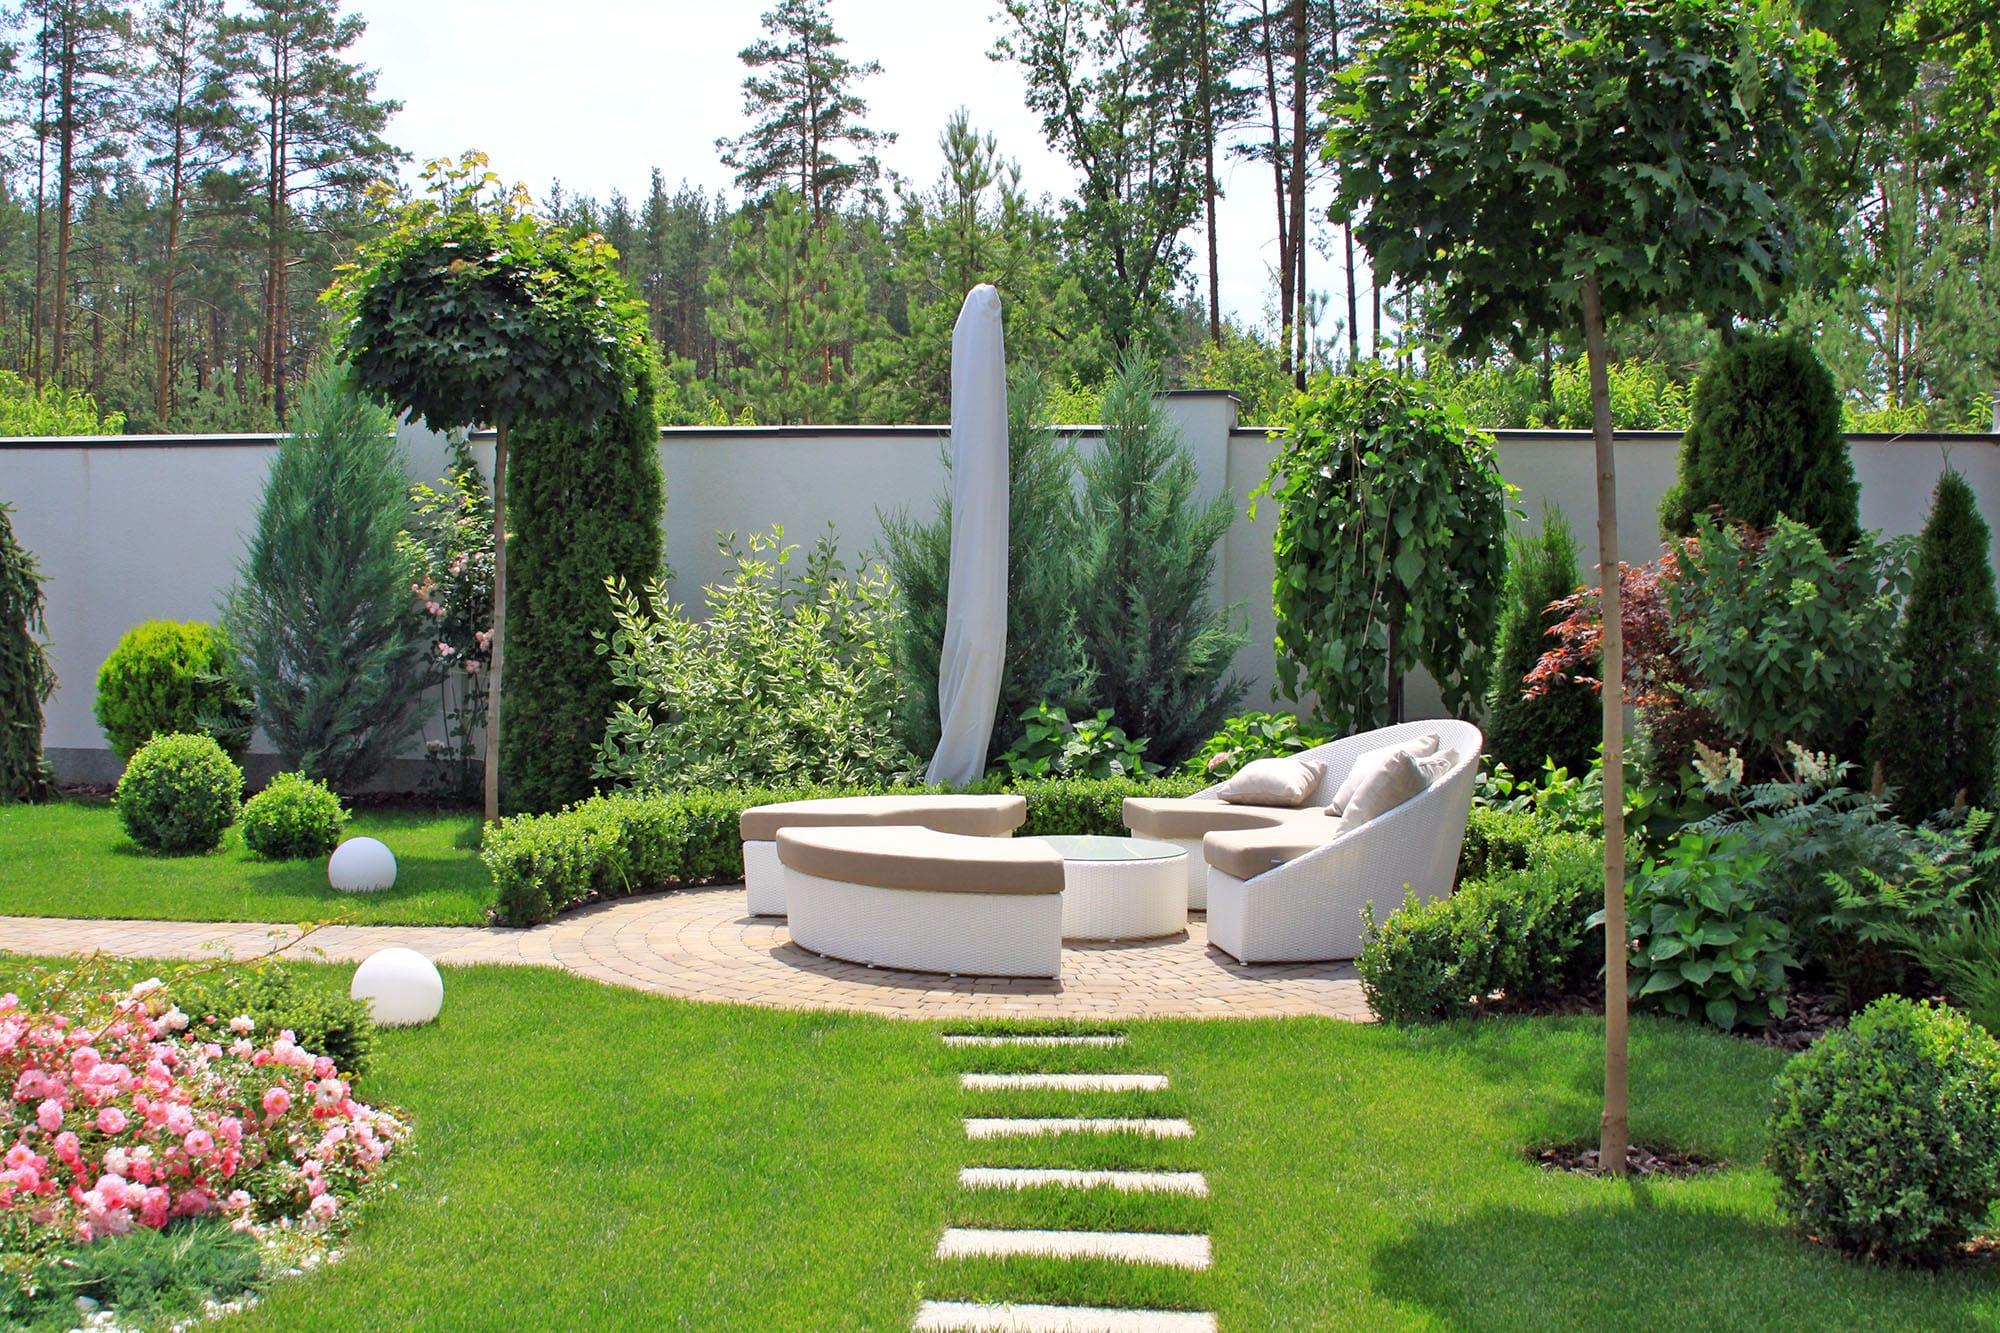 Зона отдыха на участке: диваны, тент и столик. Фото компании ландшафтного дизайна Магия сада